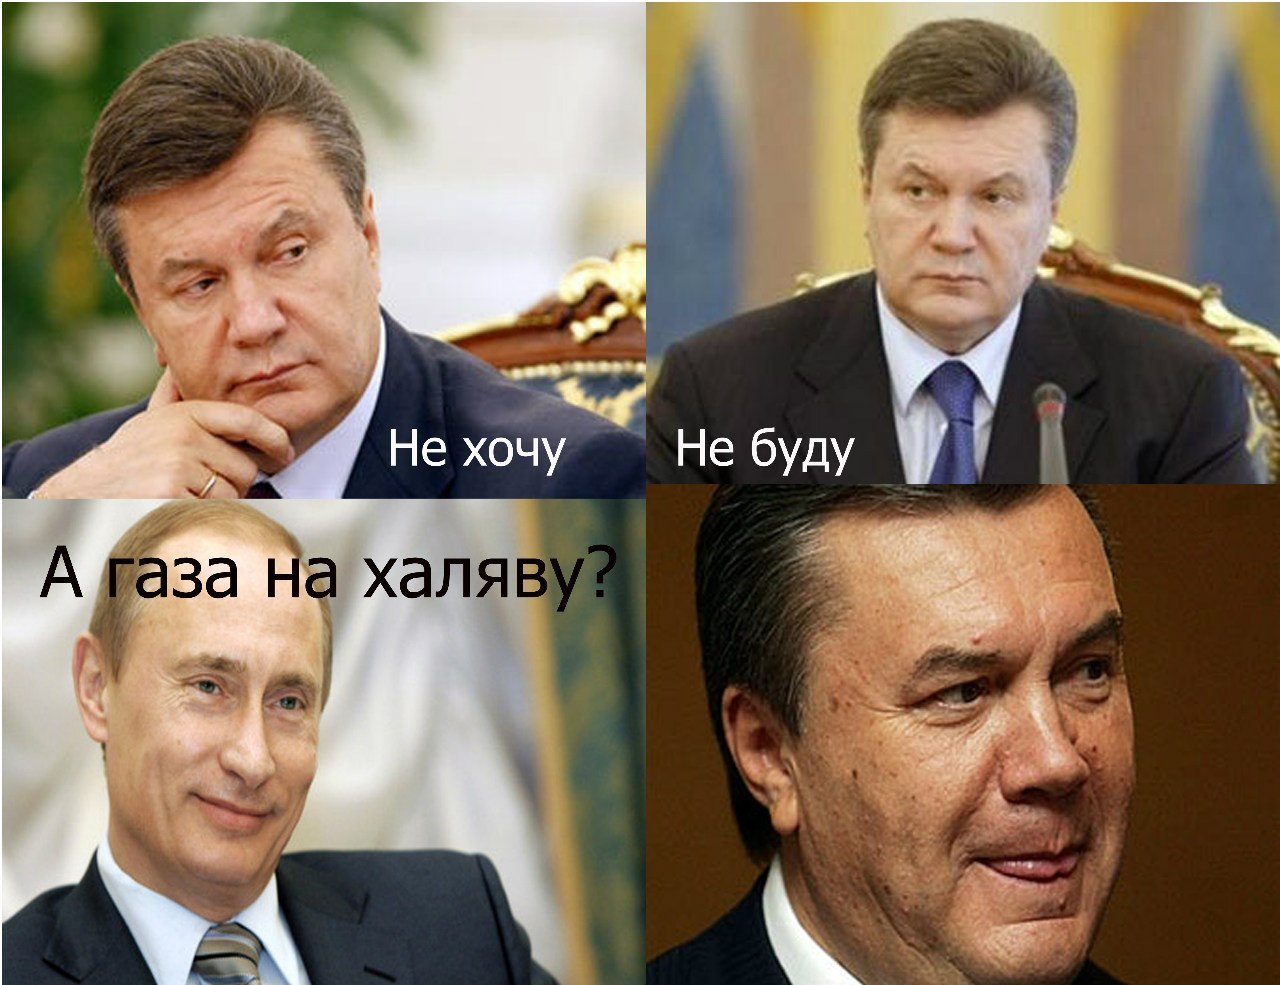 """""""Нафтогаз""""  должен сегодня заплатить свыше миллиарда долларов за октябрьские поставки, - """"Газпром"""" - Цензор.НЕТ 4420"""